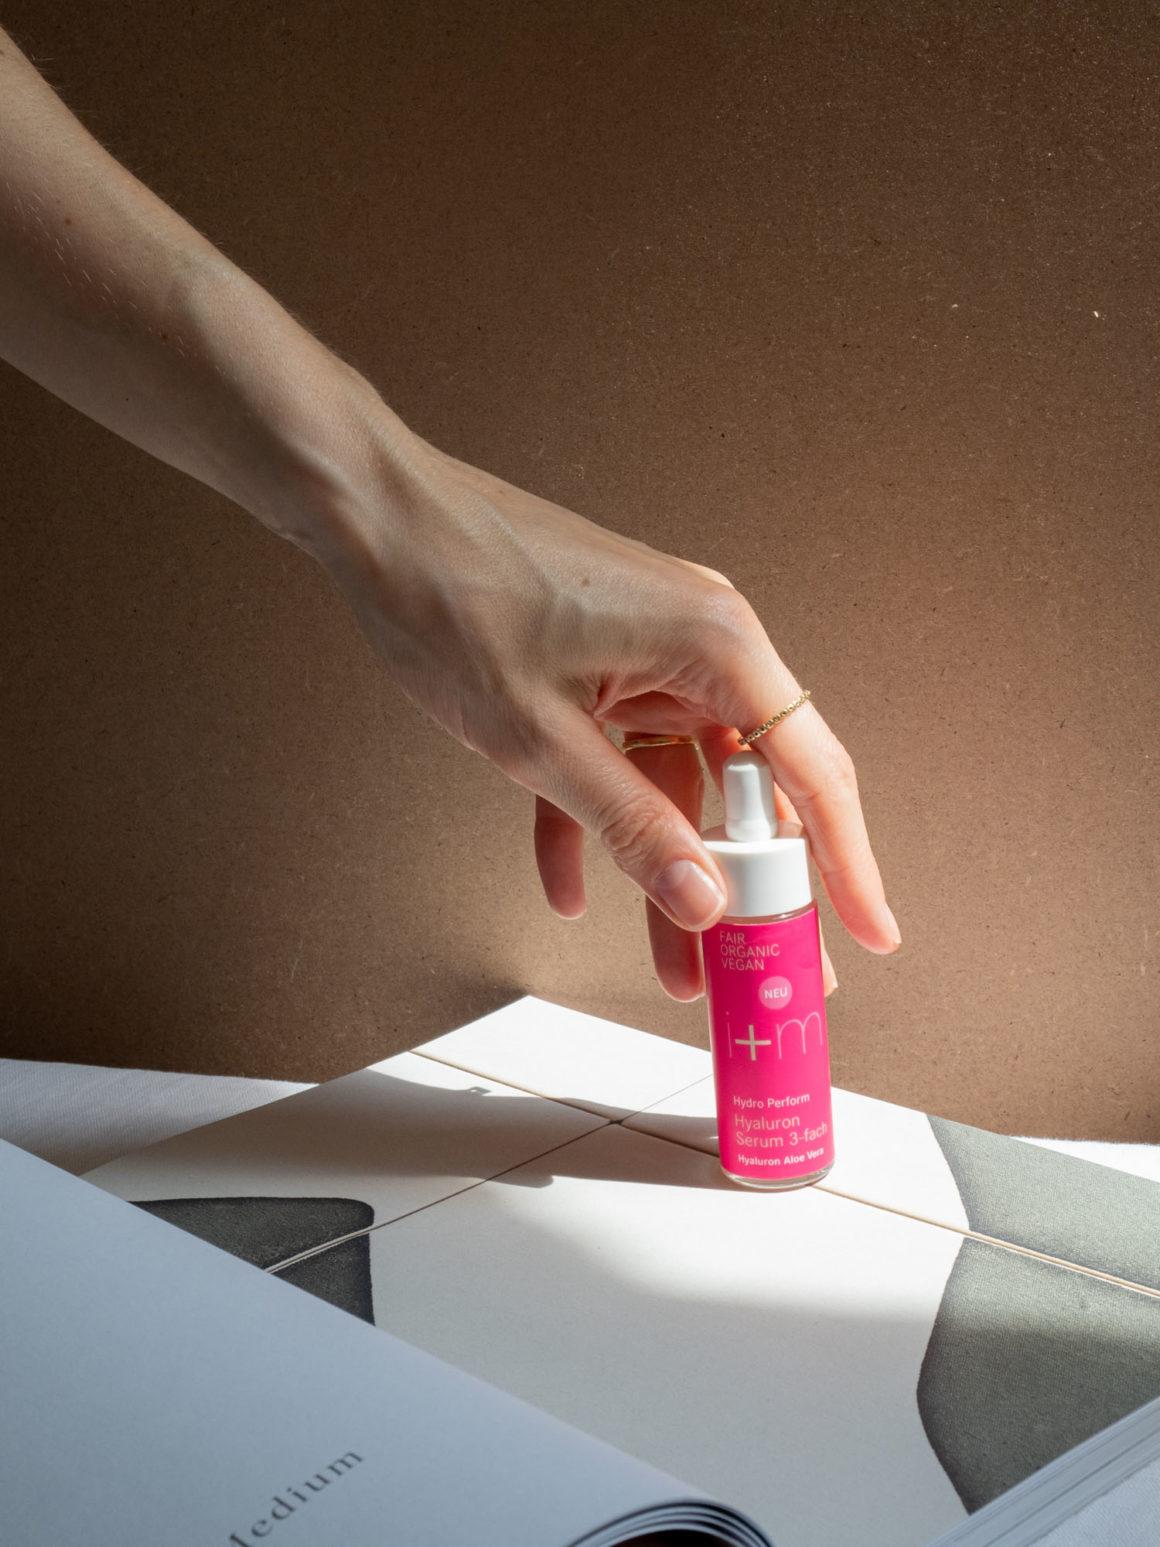 Beautyblog BareMinds Naturkosmetik für den Sommer i plus m Naturskosmetik Hydro Perform Hyaluron Serum 3-fach 5